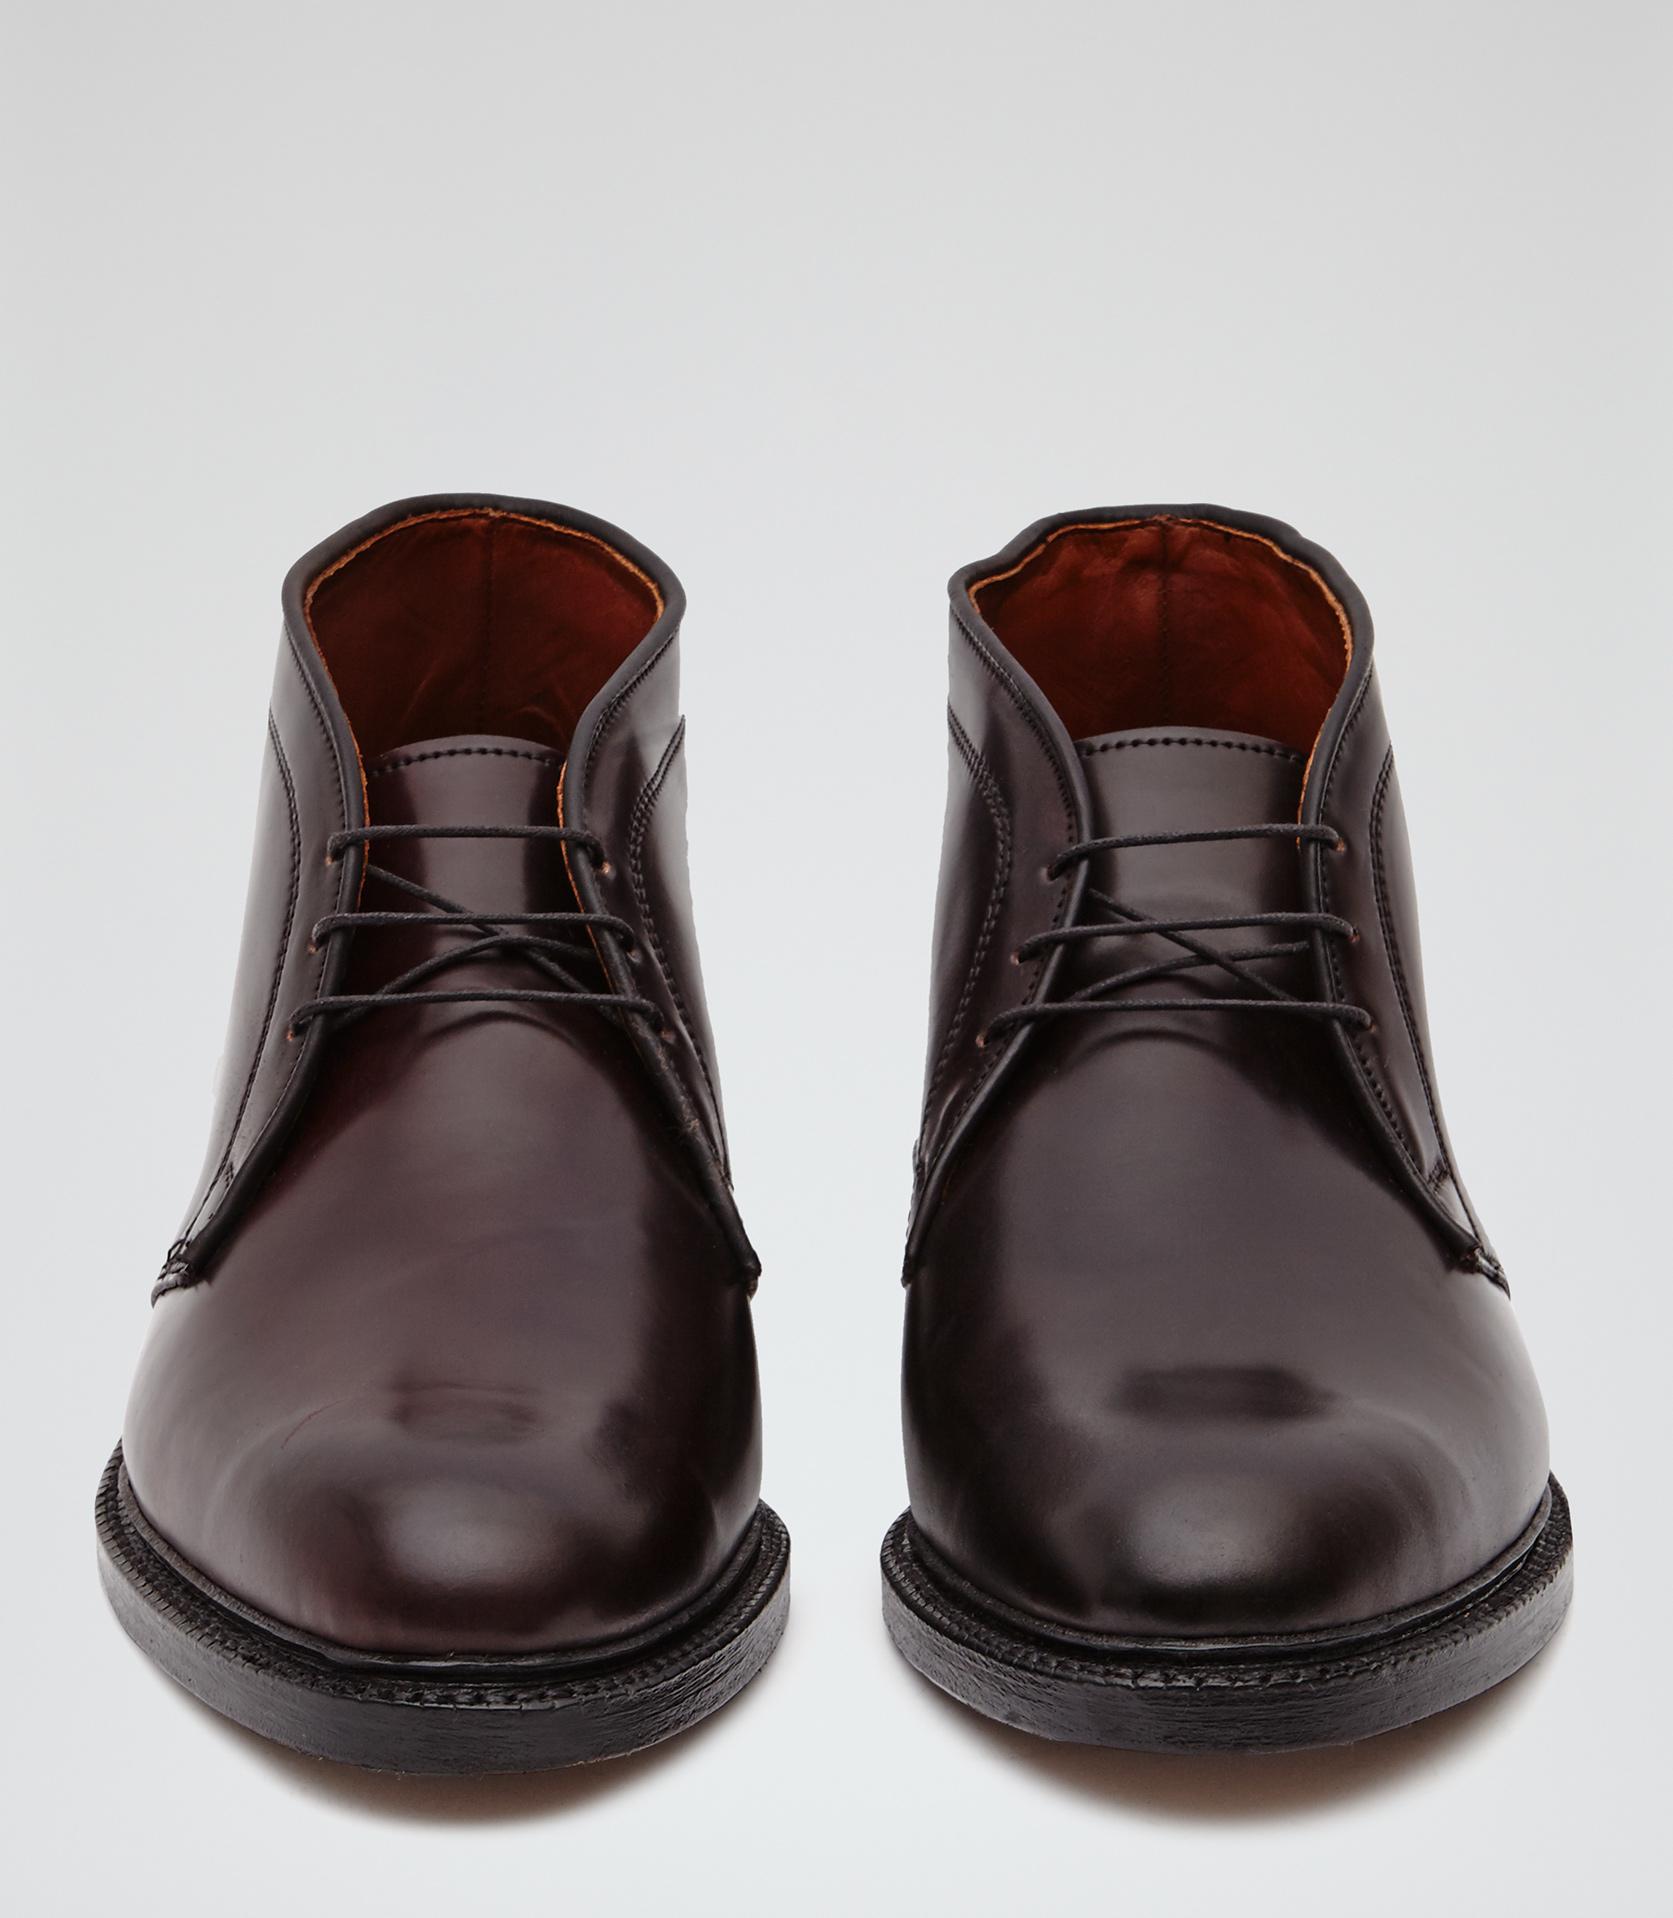 Reiss Dundee Allen Edmonds Cordovan Chukka Boots in Brown for Men ...